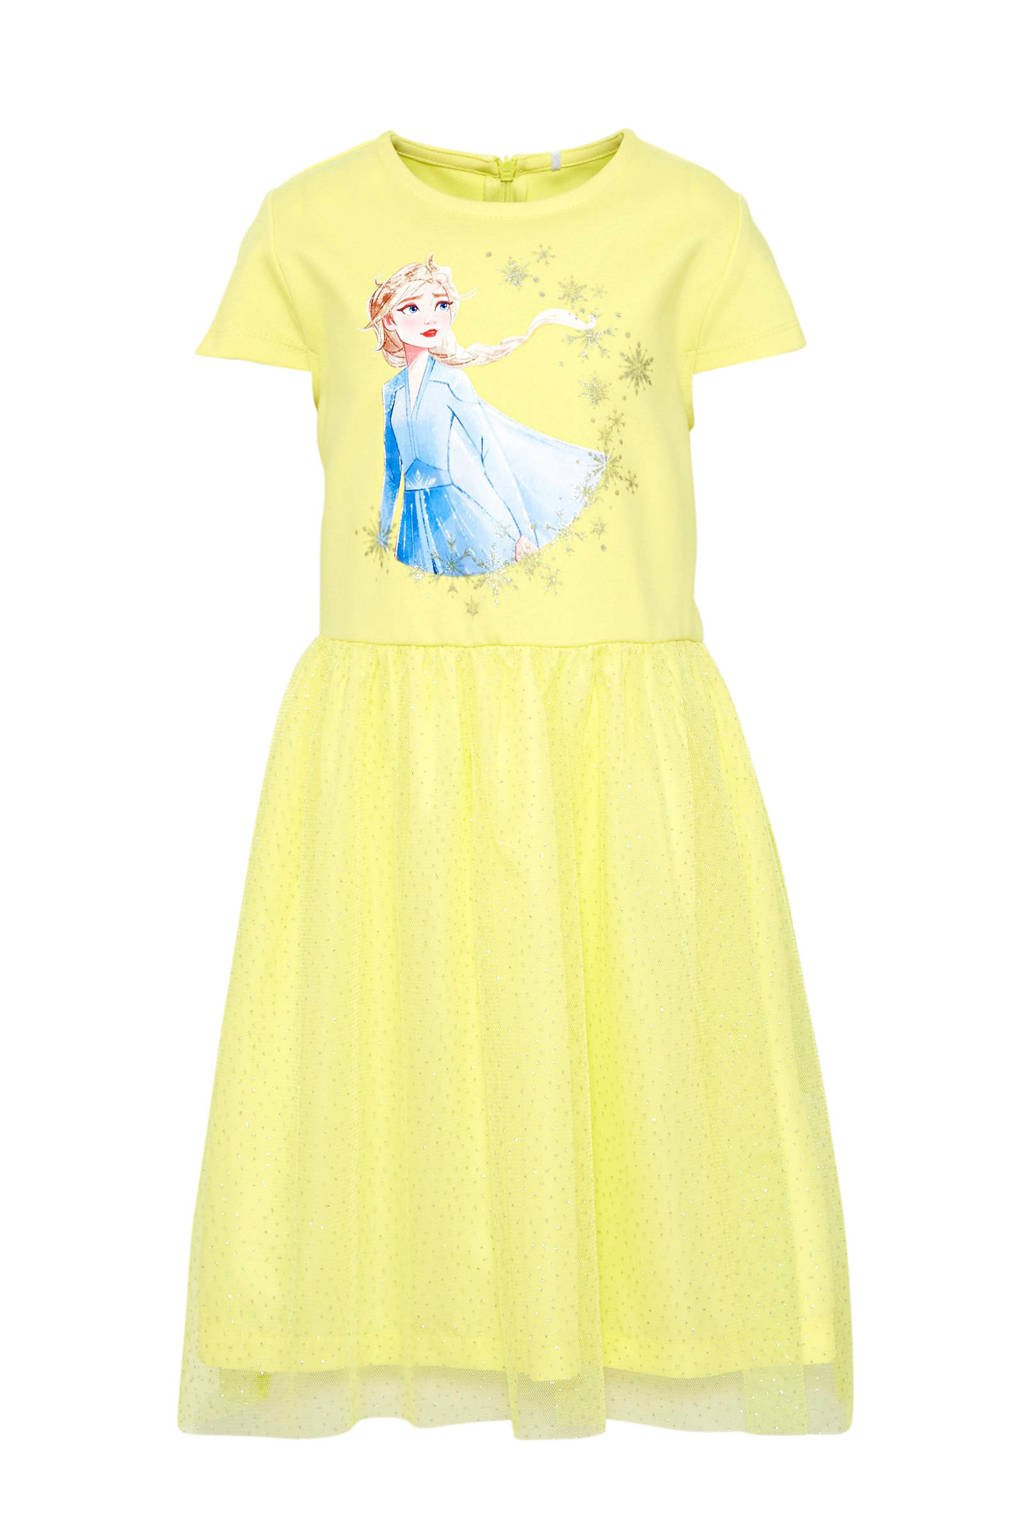 NAME IT MINI Frozen Sister Forever jurk met printopdruk geel, Geel